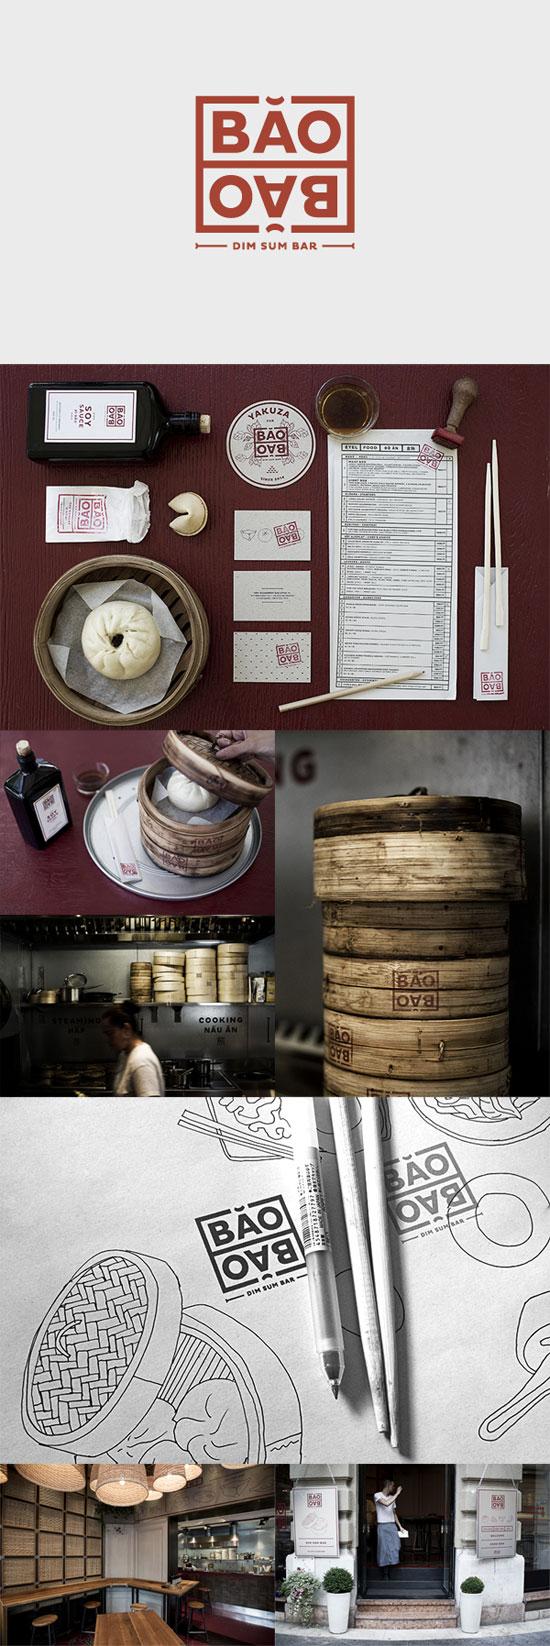 Bộ nhận diện thương hiệu nhà hàng Bao Bao